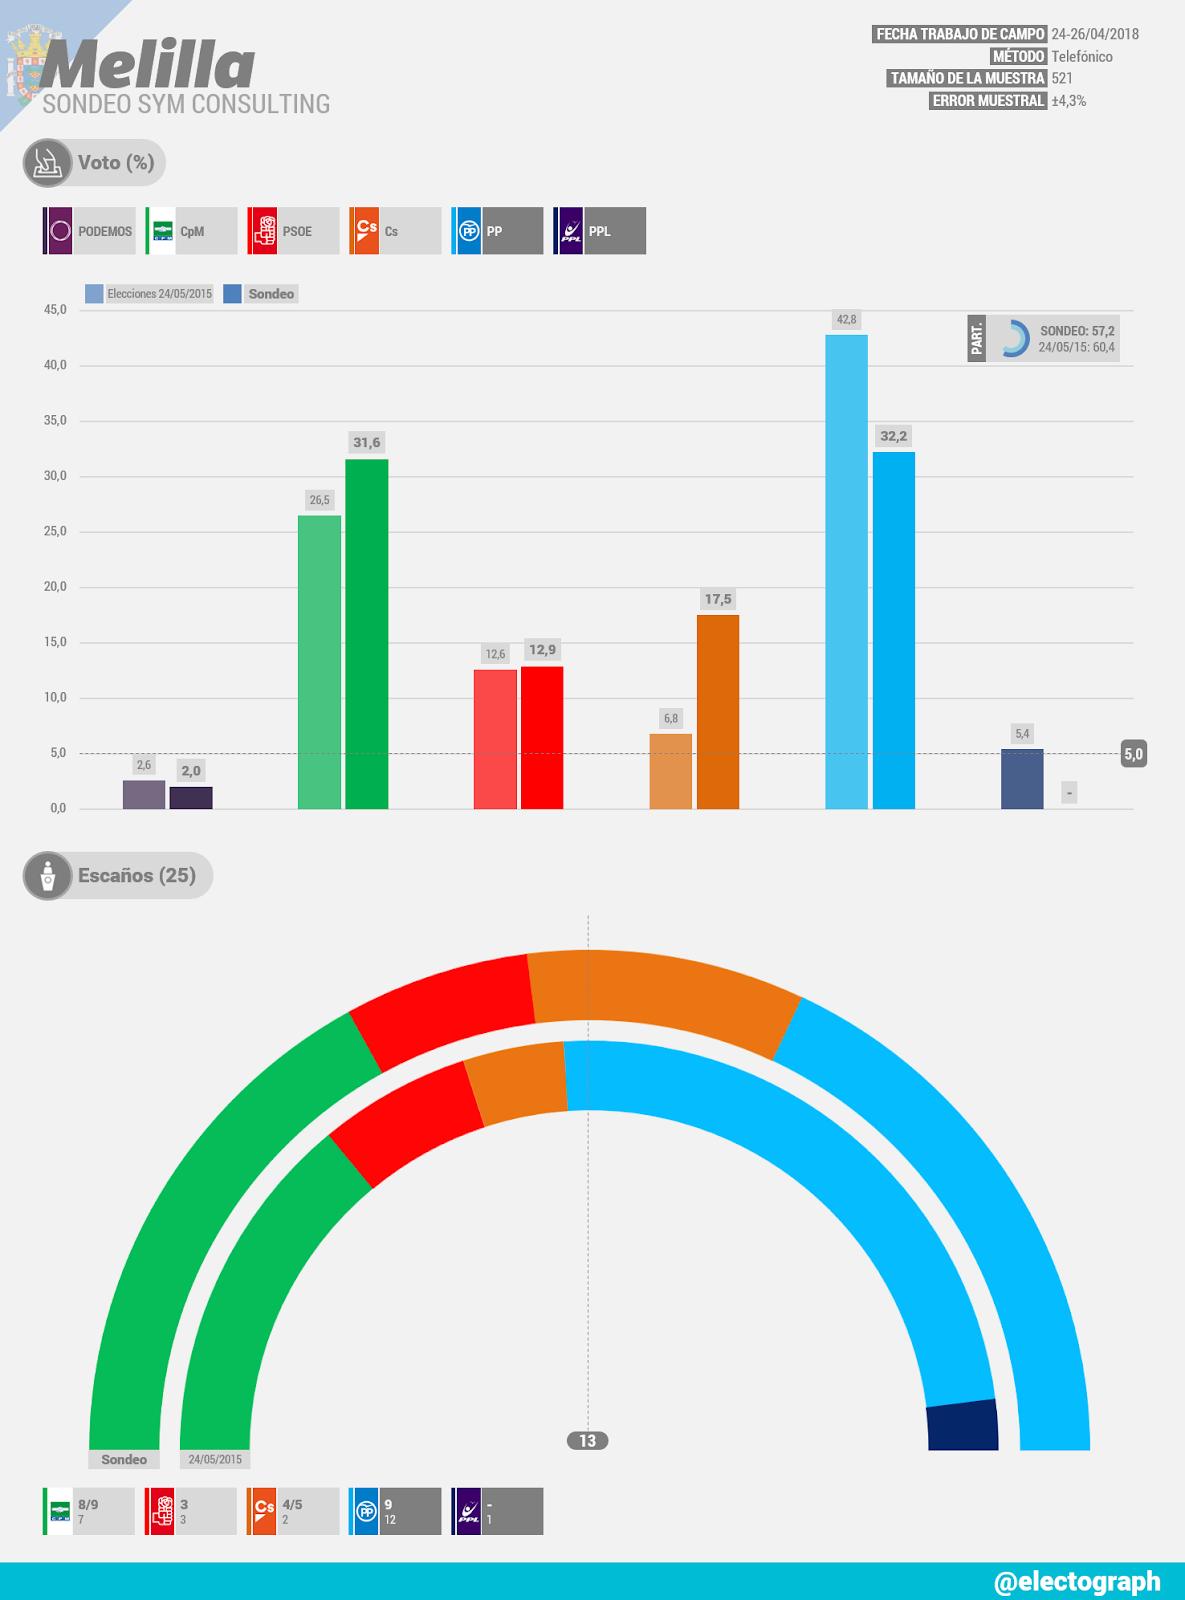 Gráfico de la encuesta para elecciones autonómicas en Melilla realizada por SyM Consulting en abril de 2018